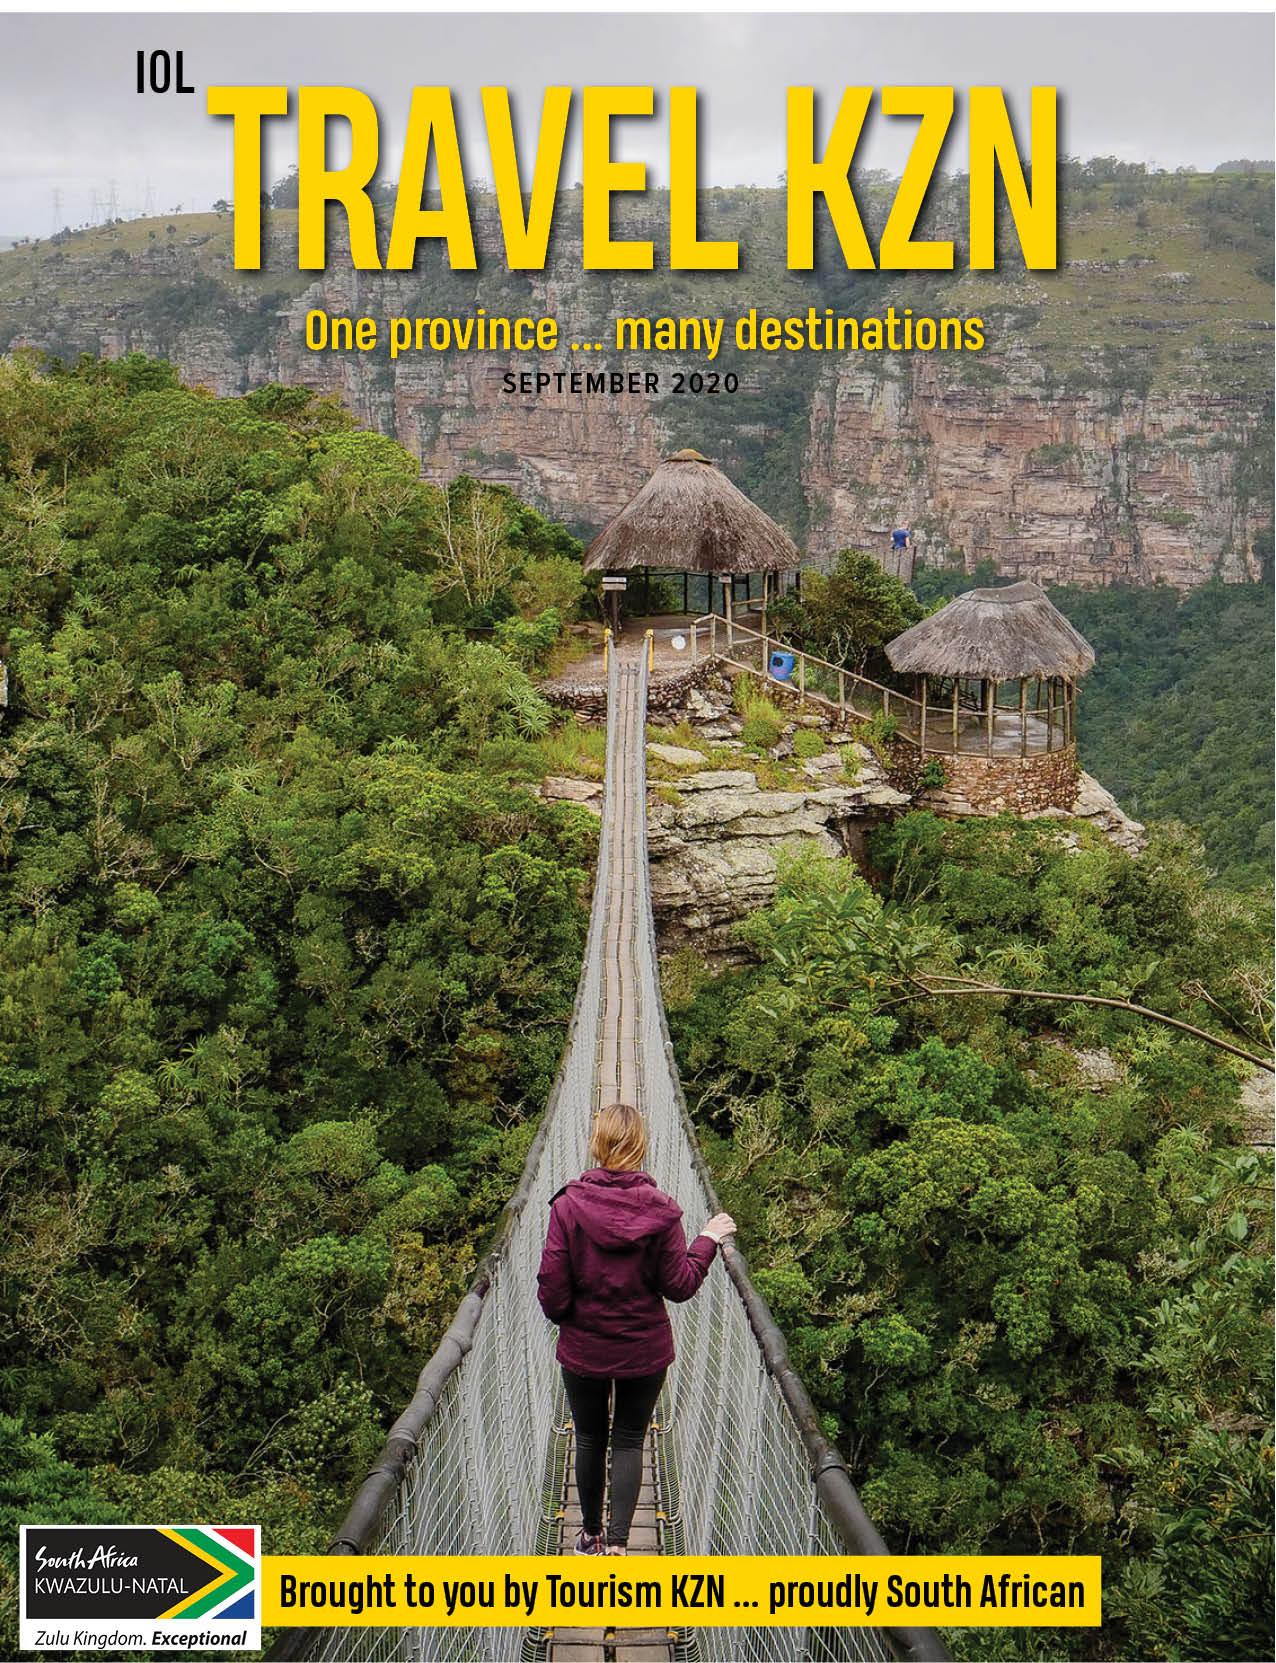 IOL Travel KZN